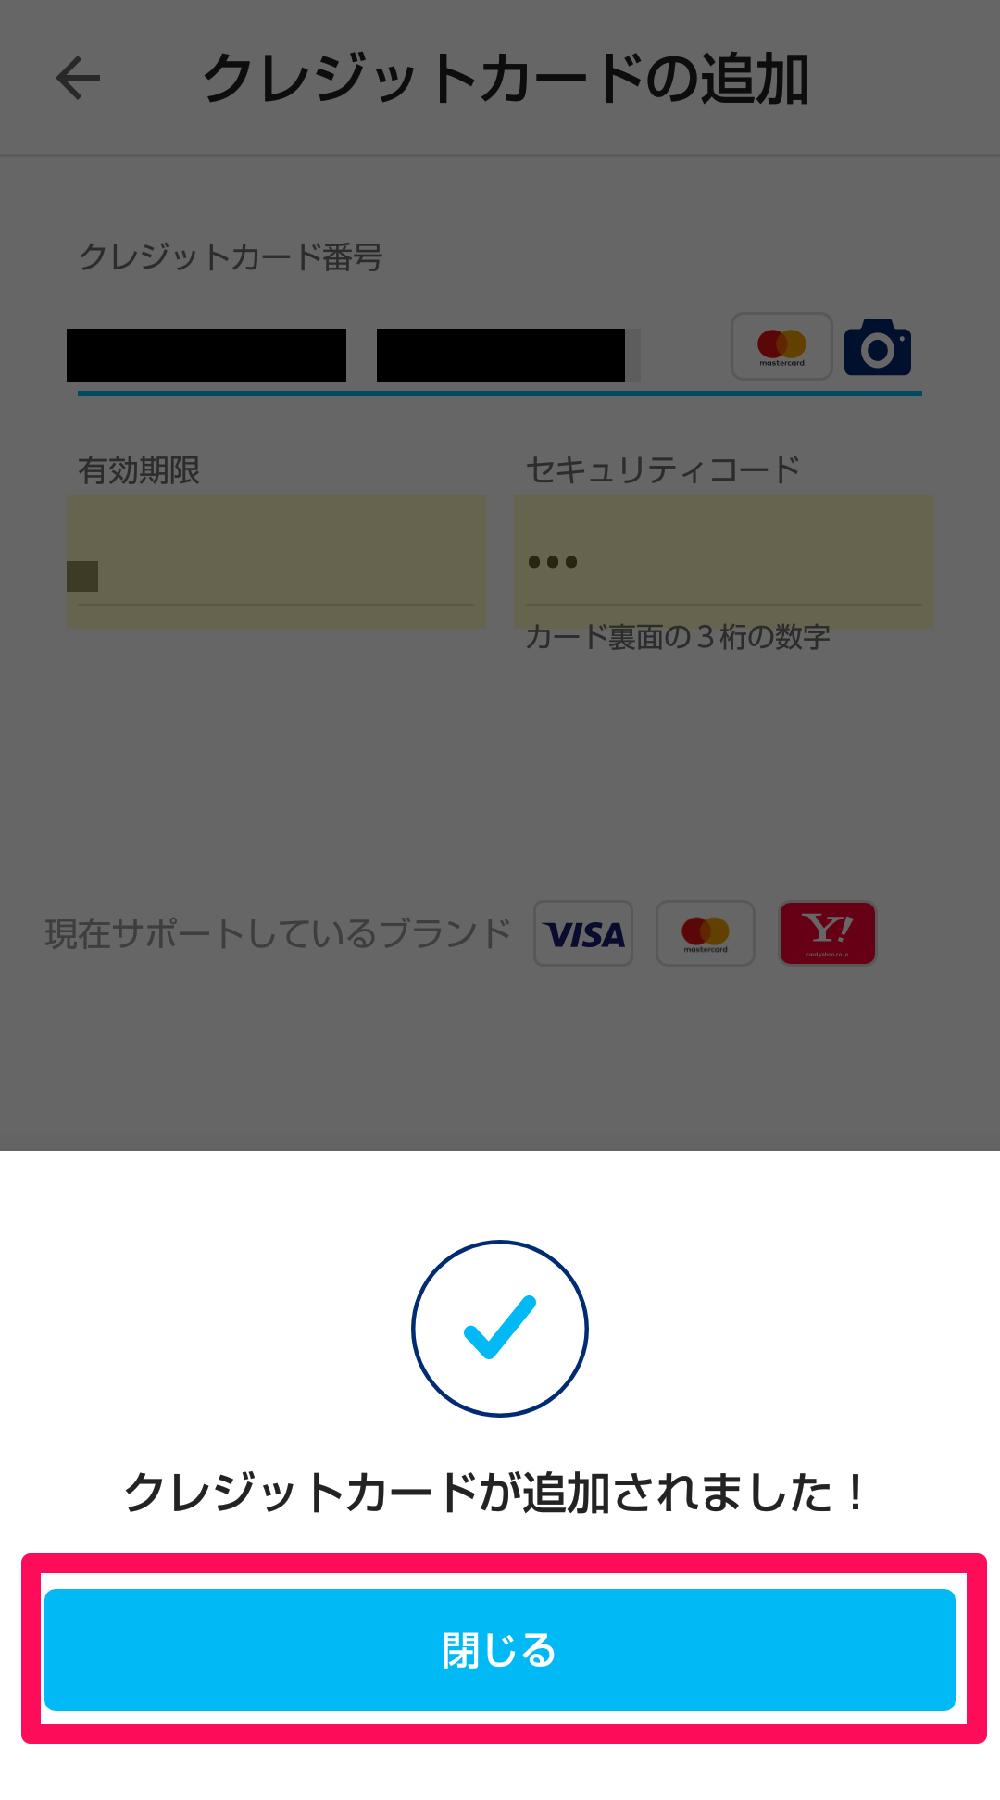 PayPayアプリ(ペイペイアプリ)の「クレジットカードが追加されました!」画面